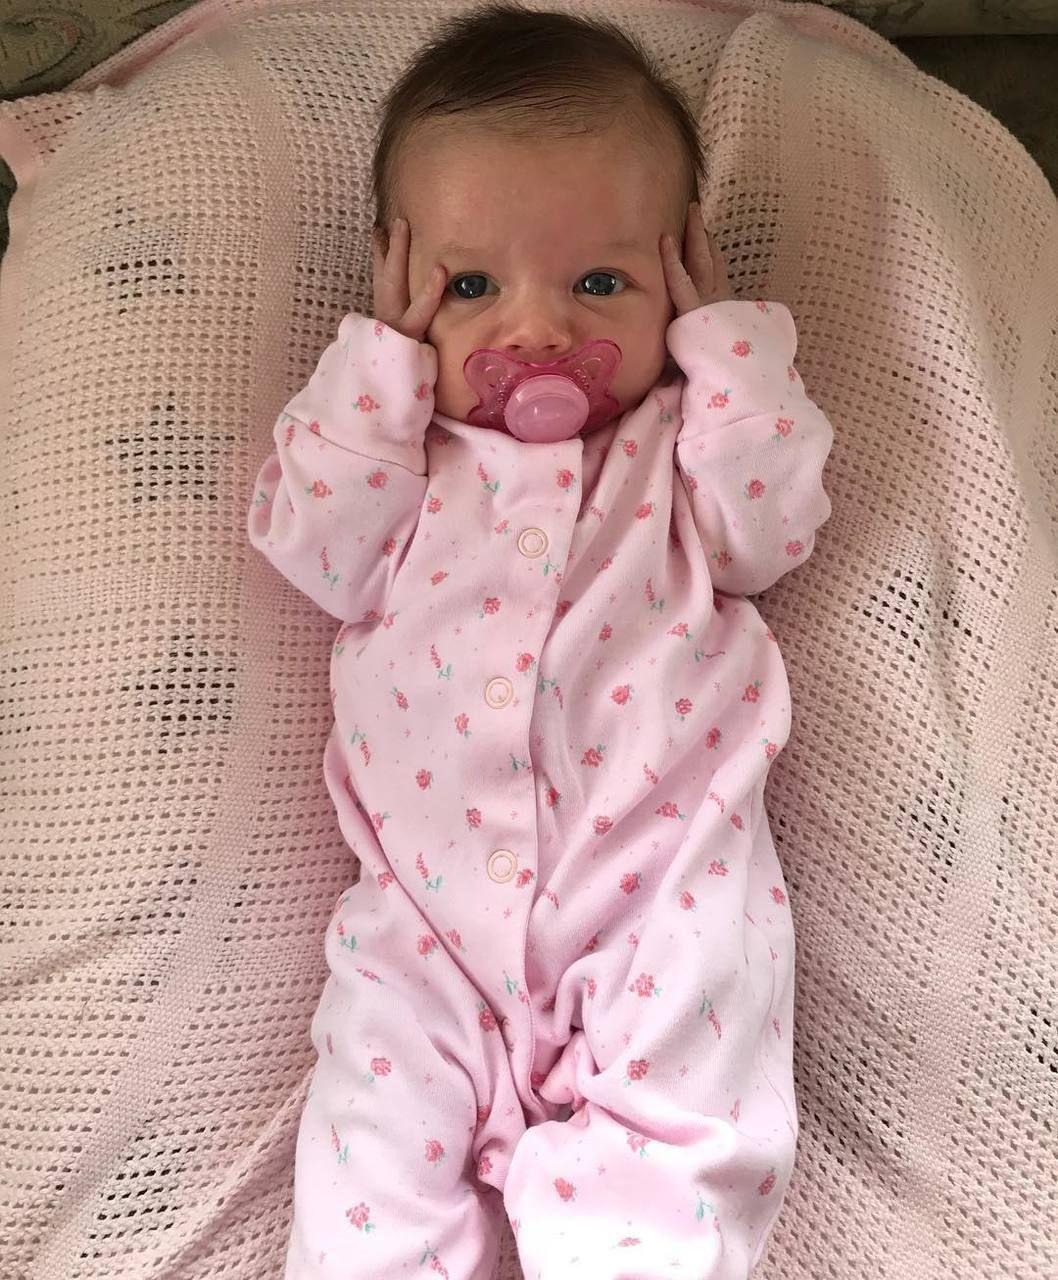 presente para bebe de 1 ano de aniversario  bebe  baby  mamae  mommy  mom   babies 6645228c120